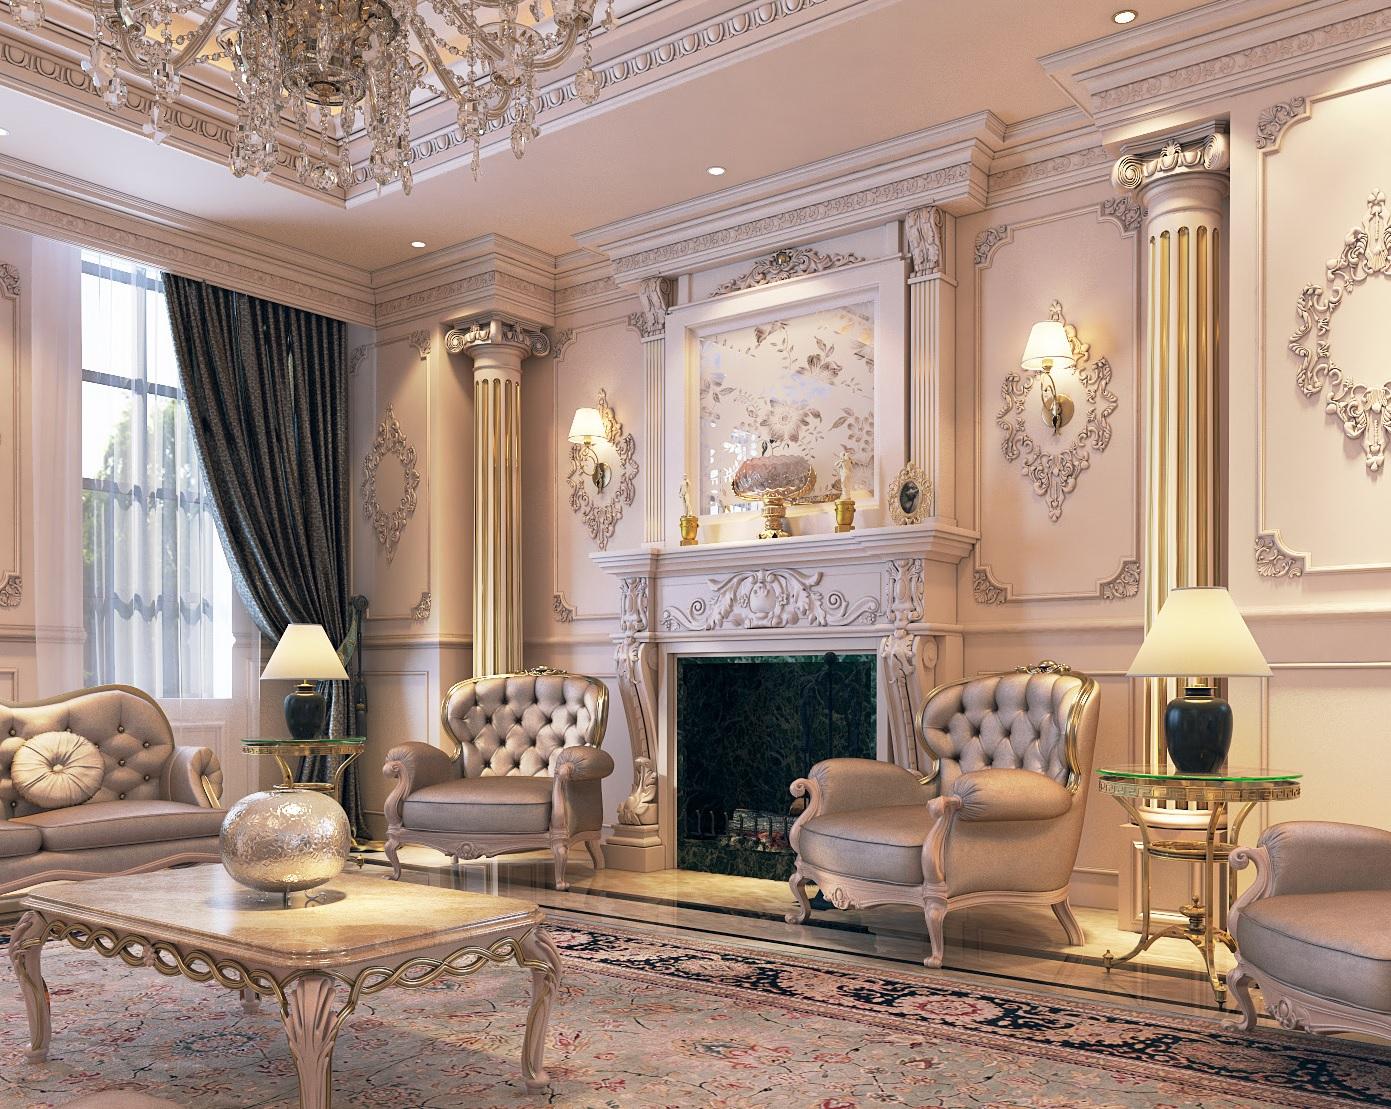 Mẫu nội thất biệt thự cổ điển hoàng gia-3